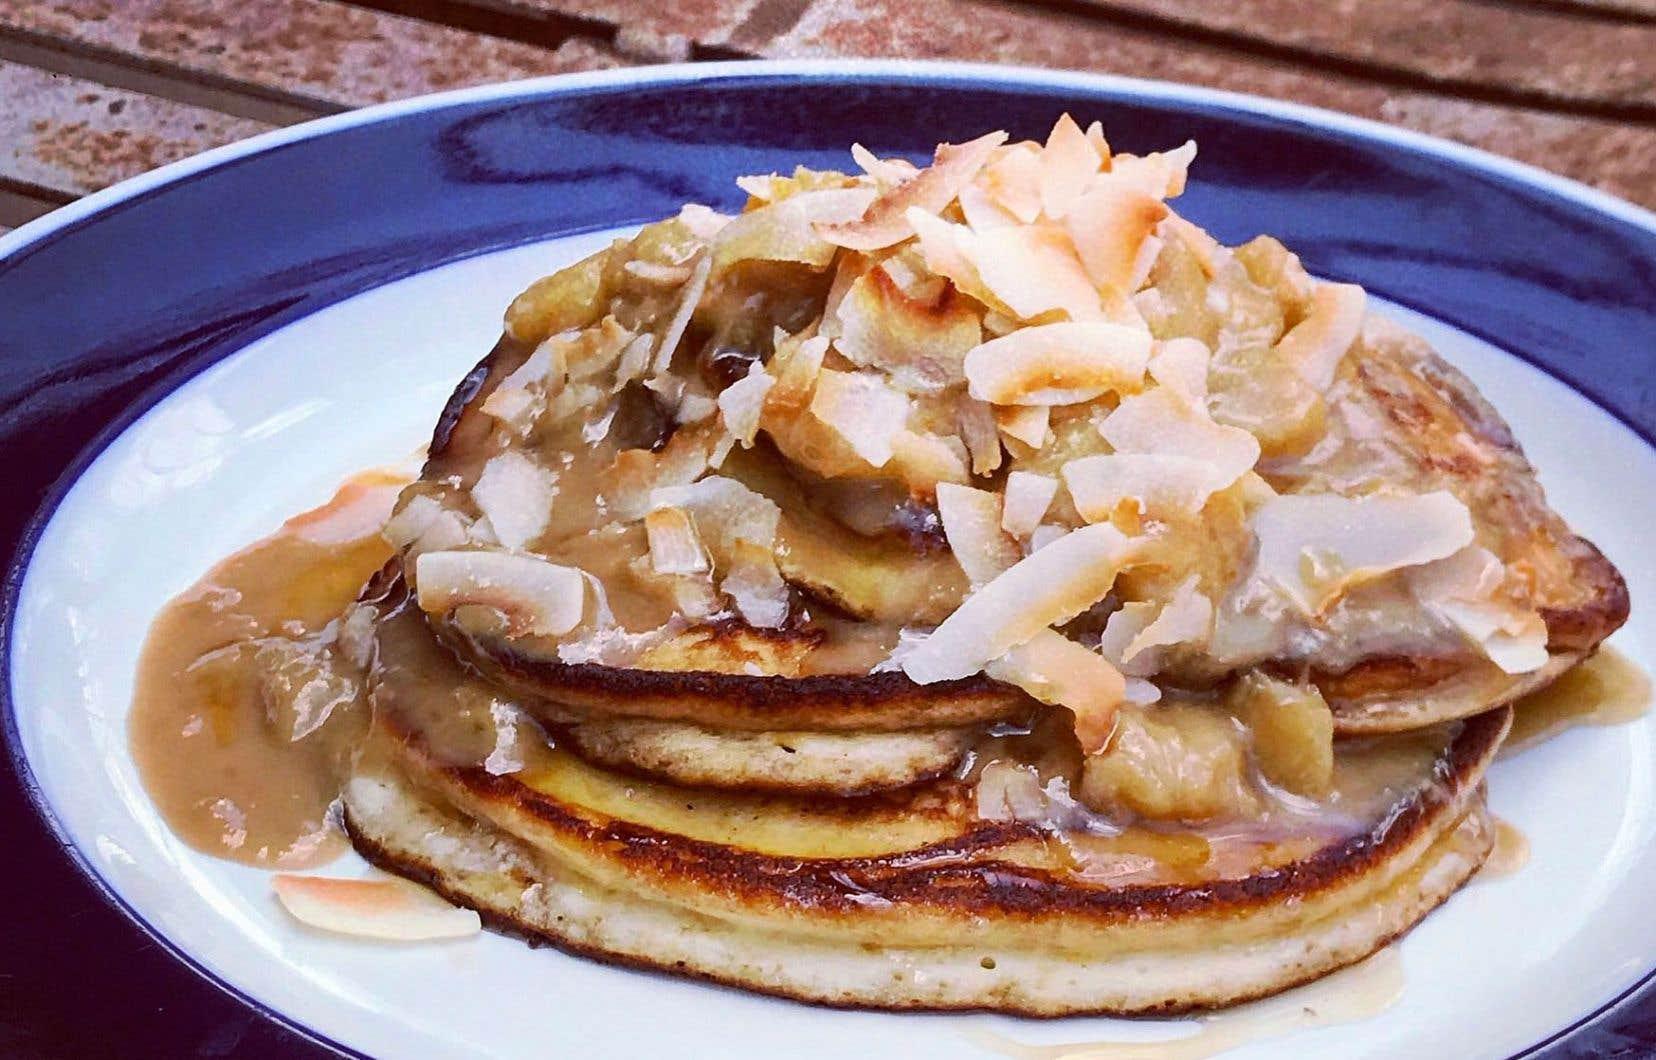 Servir les pancakes avec quelques cuillères de sauce et garnir de flocons de noix de coco grillée.